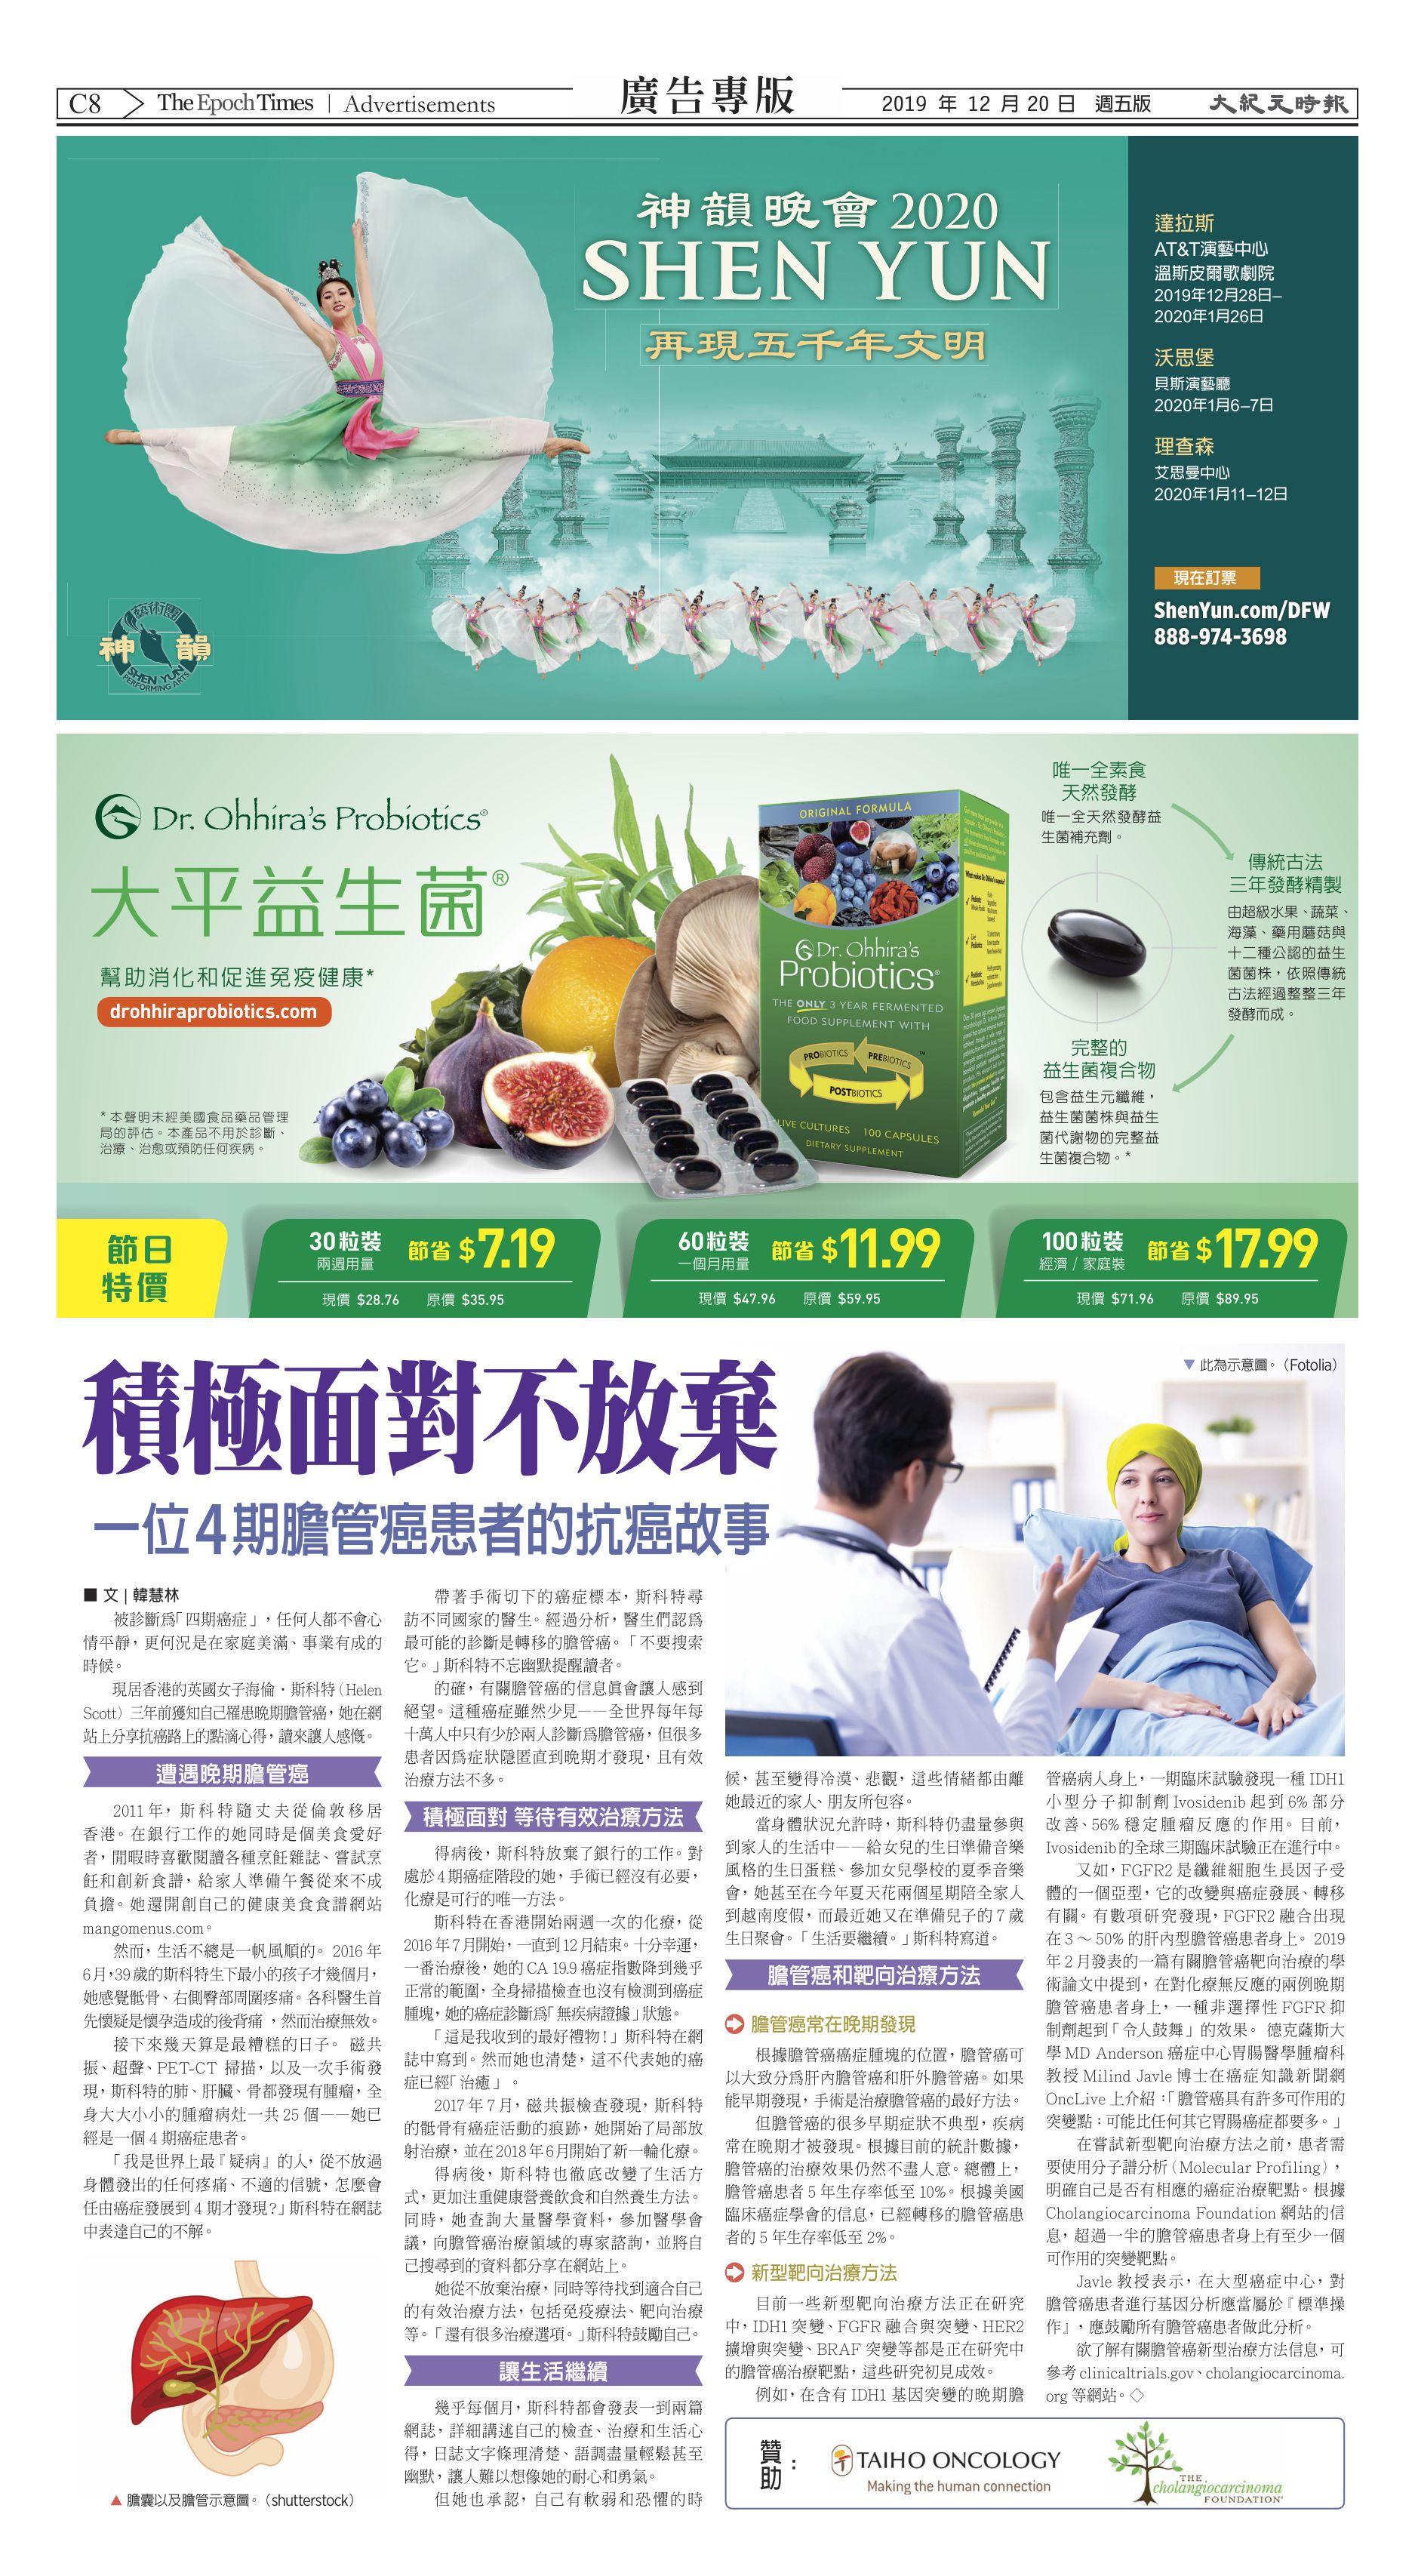 chinese2.jpg